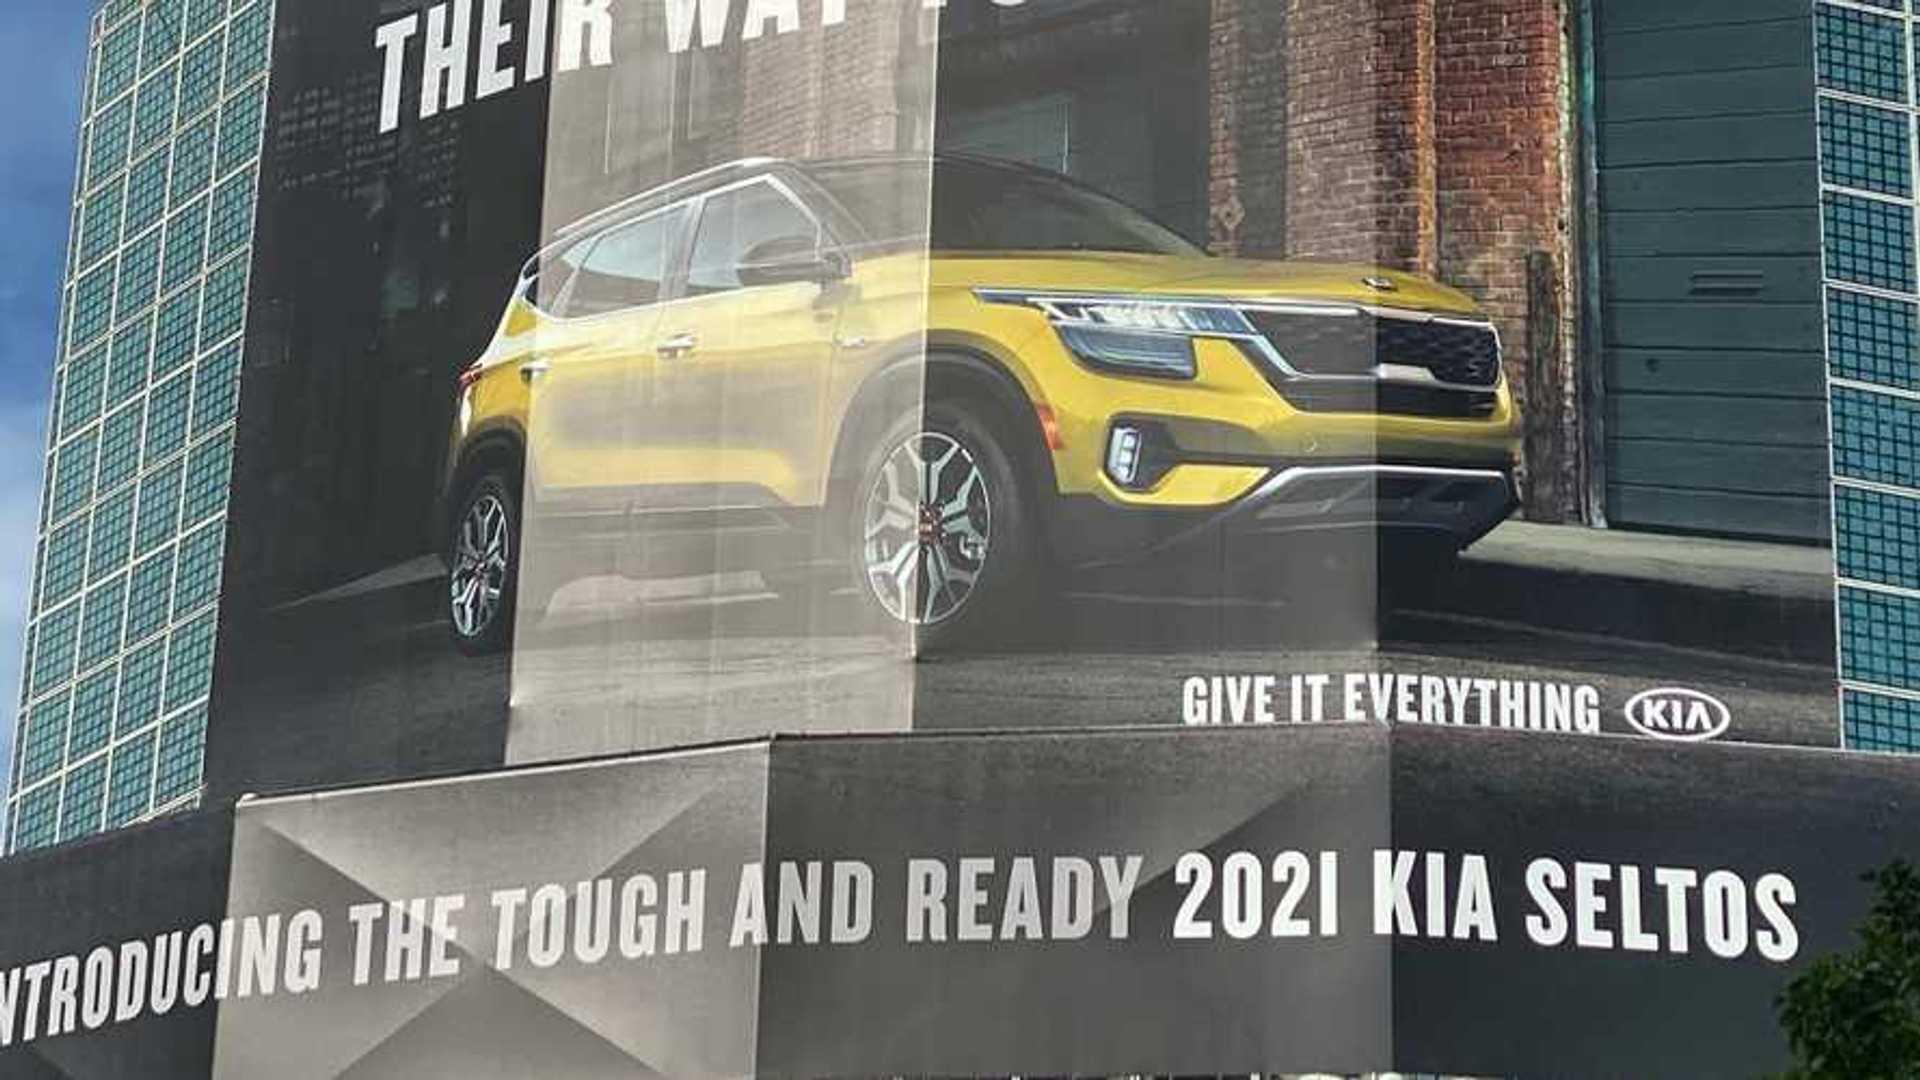 2021 Kia Seltos Leaked Ahead Of U.S. Debut In Big Way, Literally